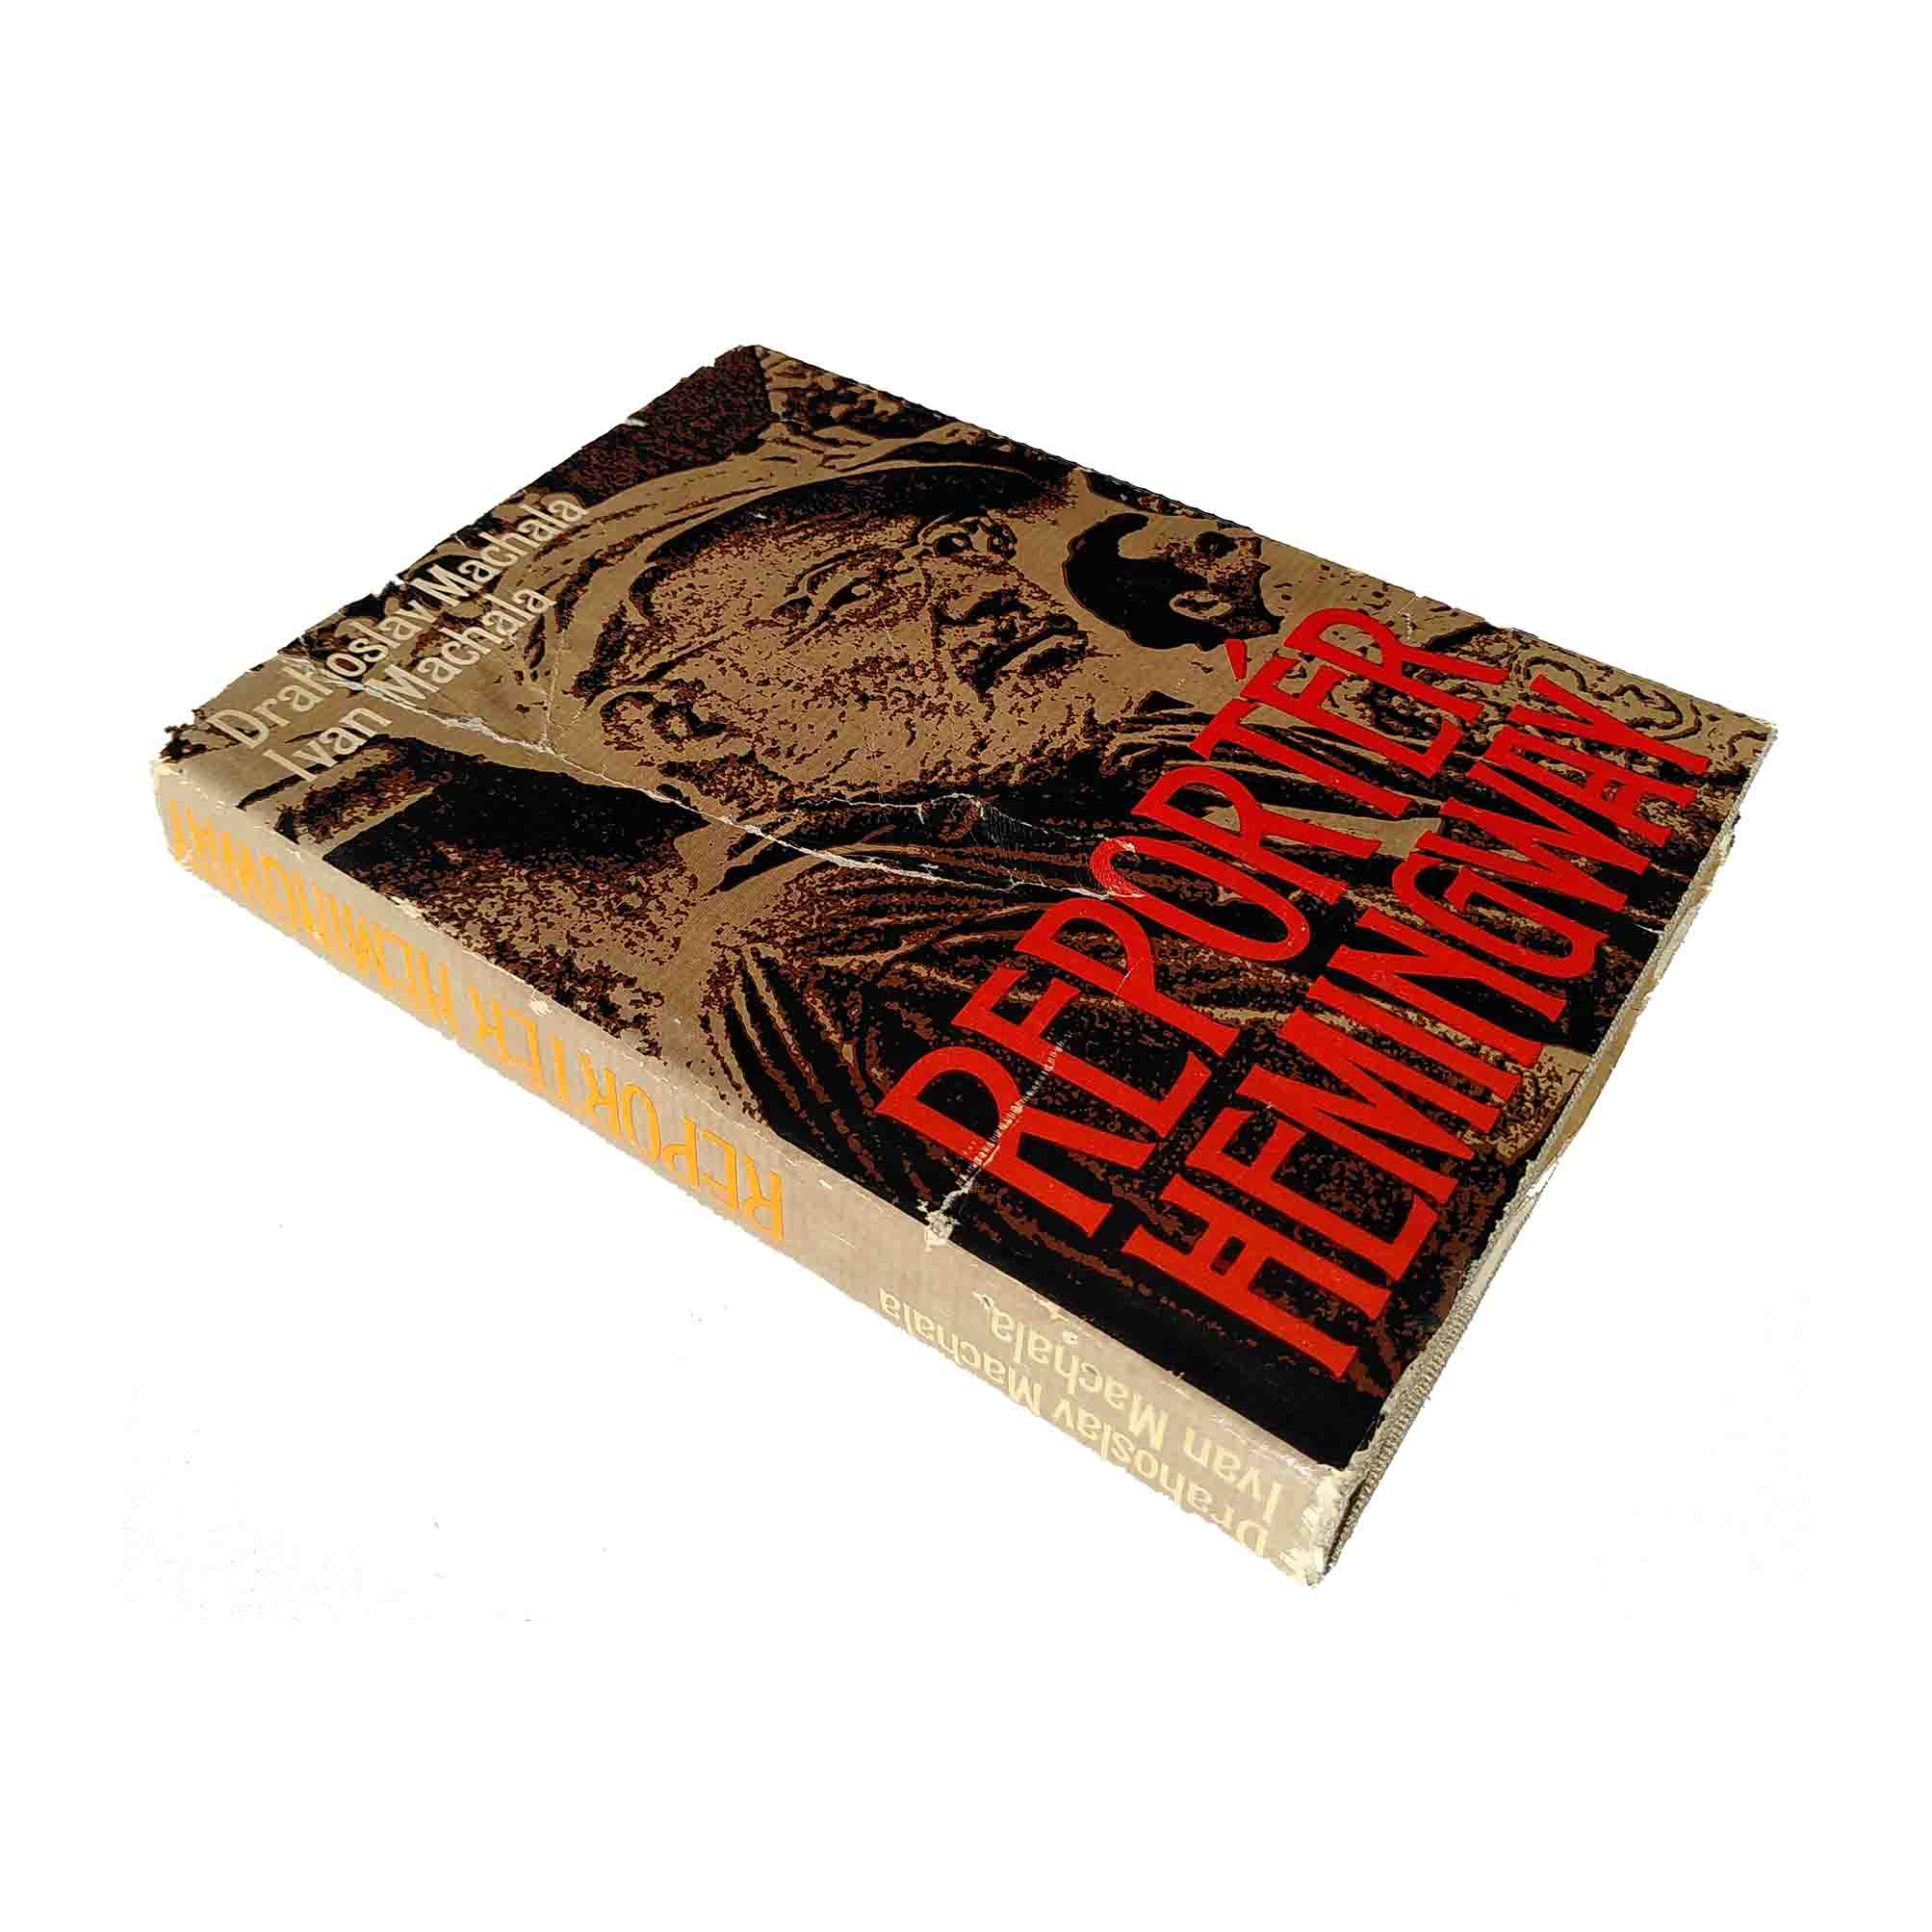 5912-Hemingway-Machala-Biography-Slovak-1980-Dust-Jacket-free-N.jpg